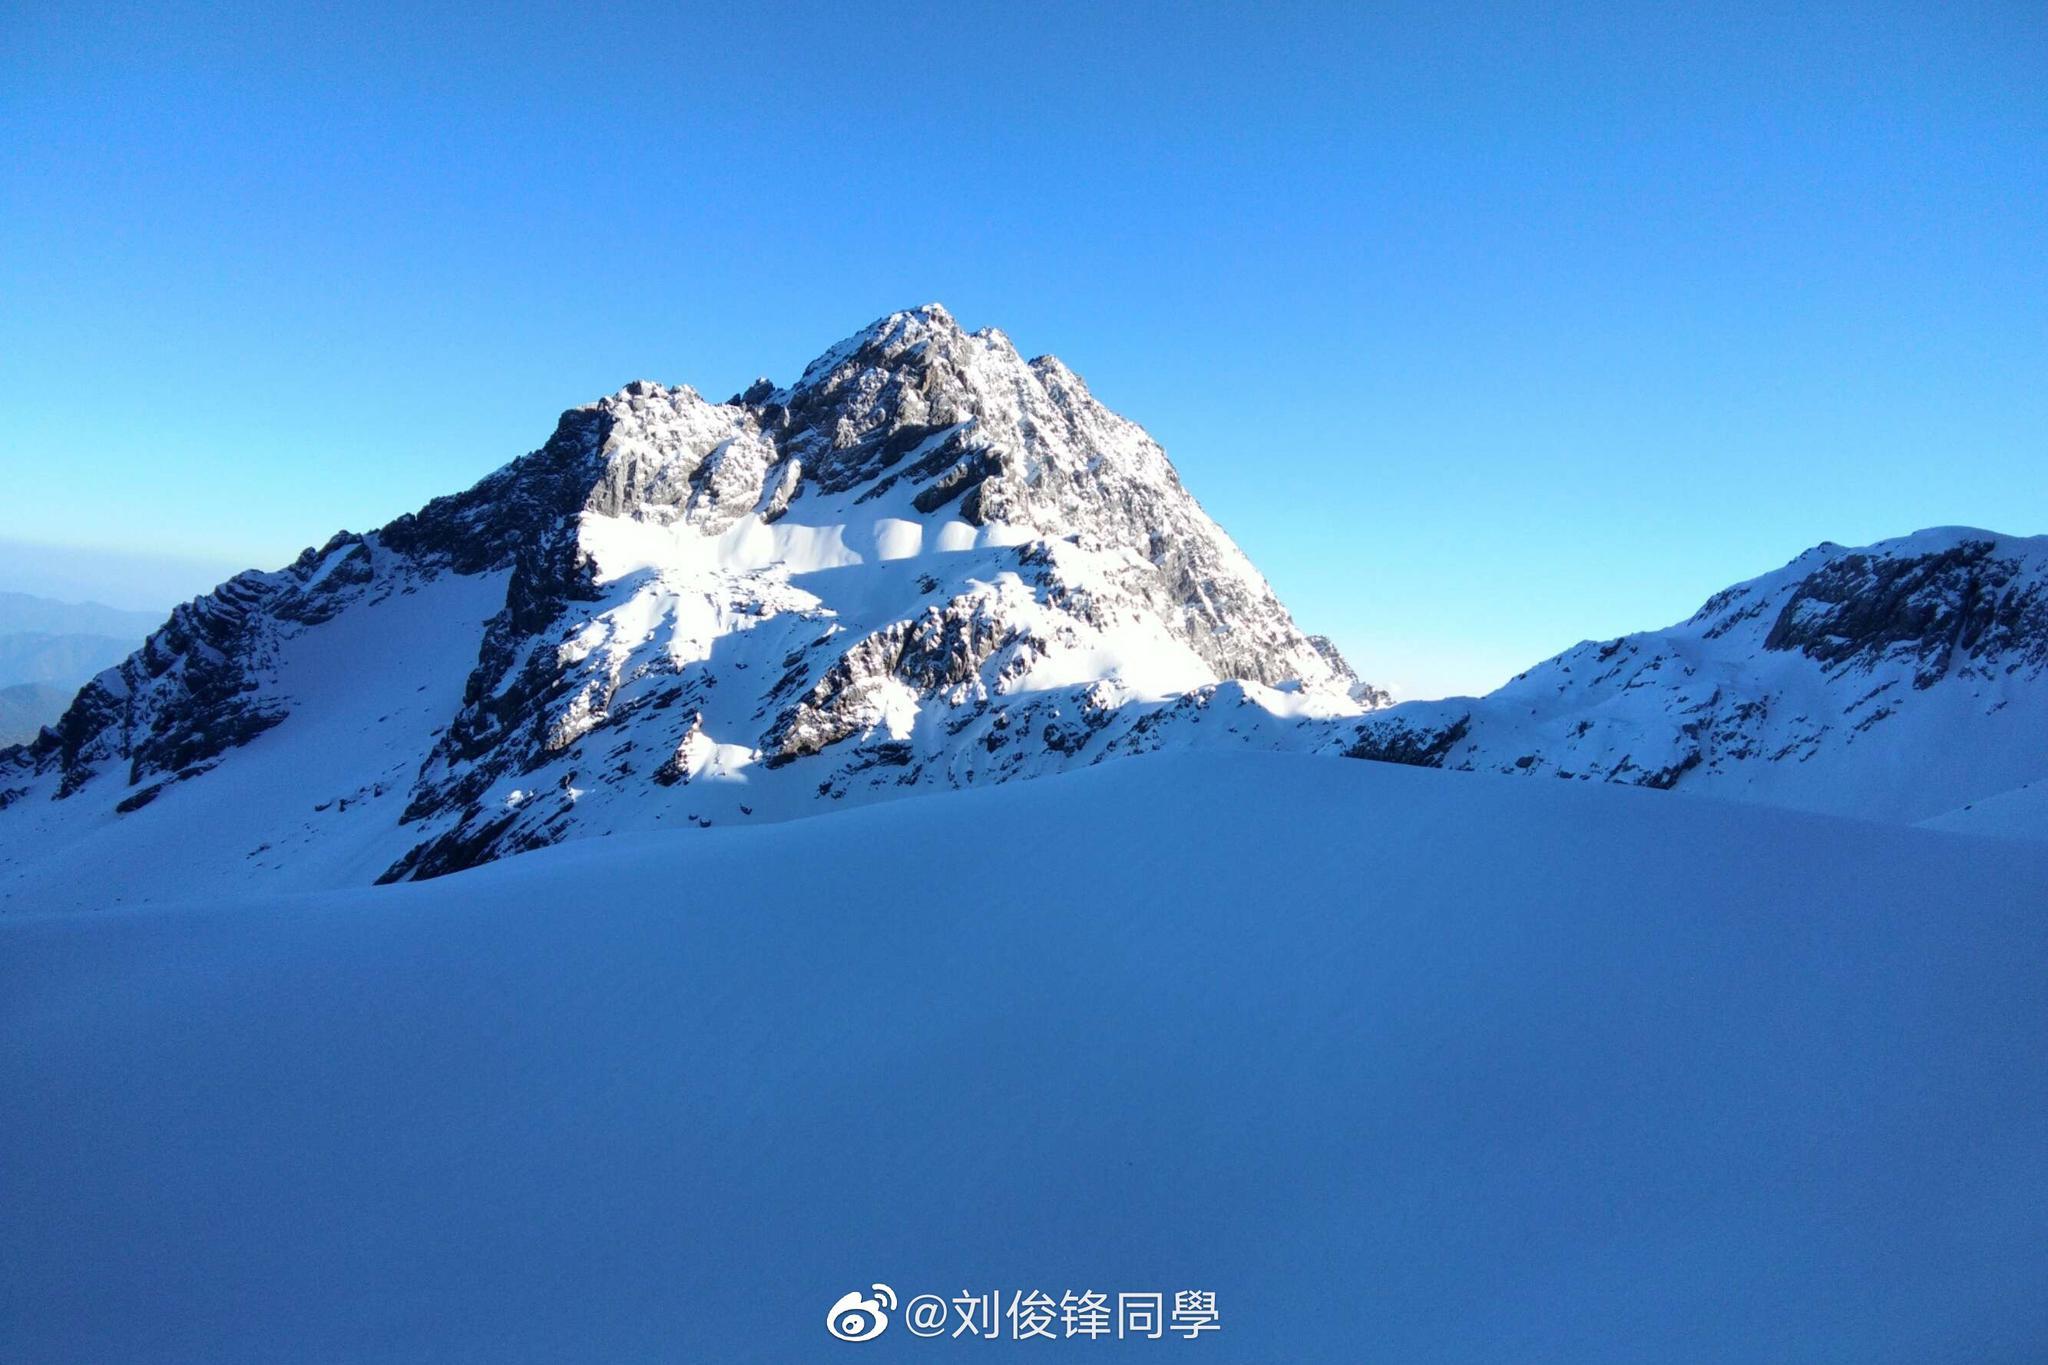 来一次丽江玉龙雪山人间值得。